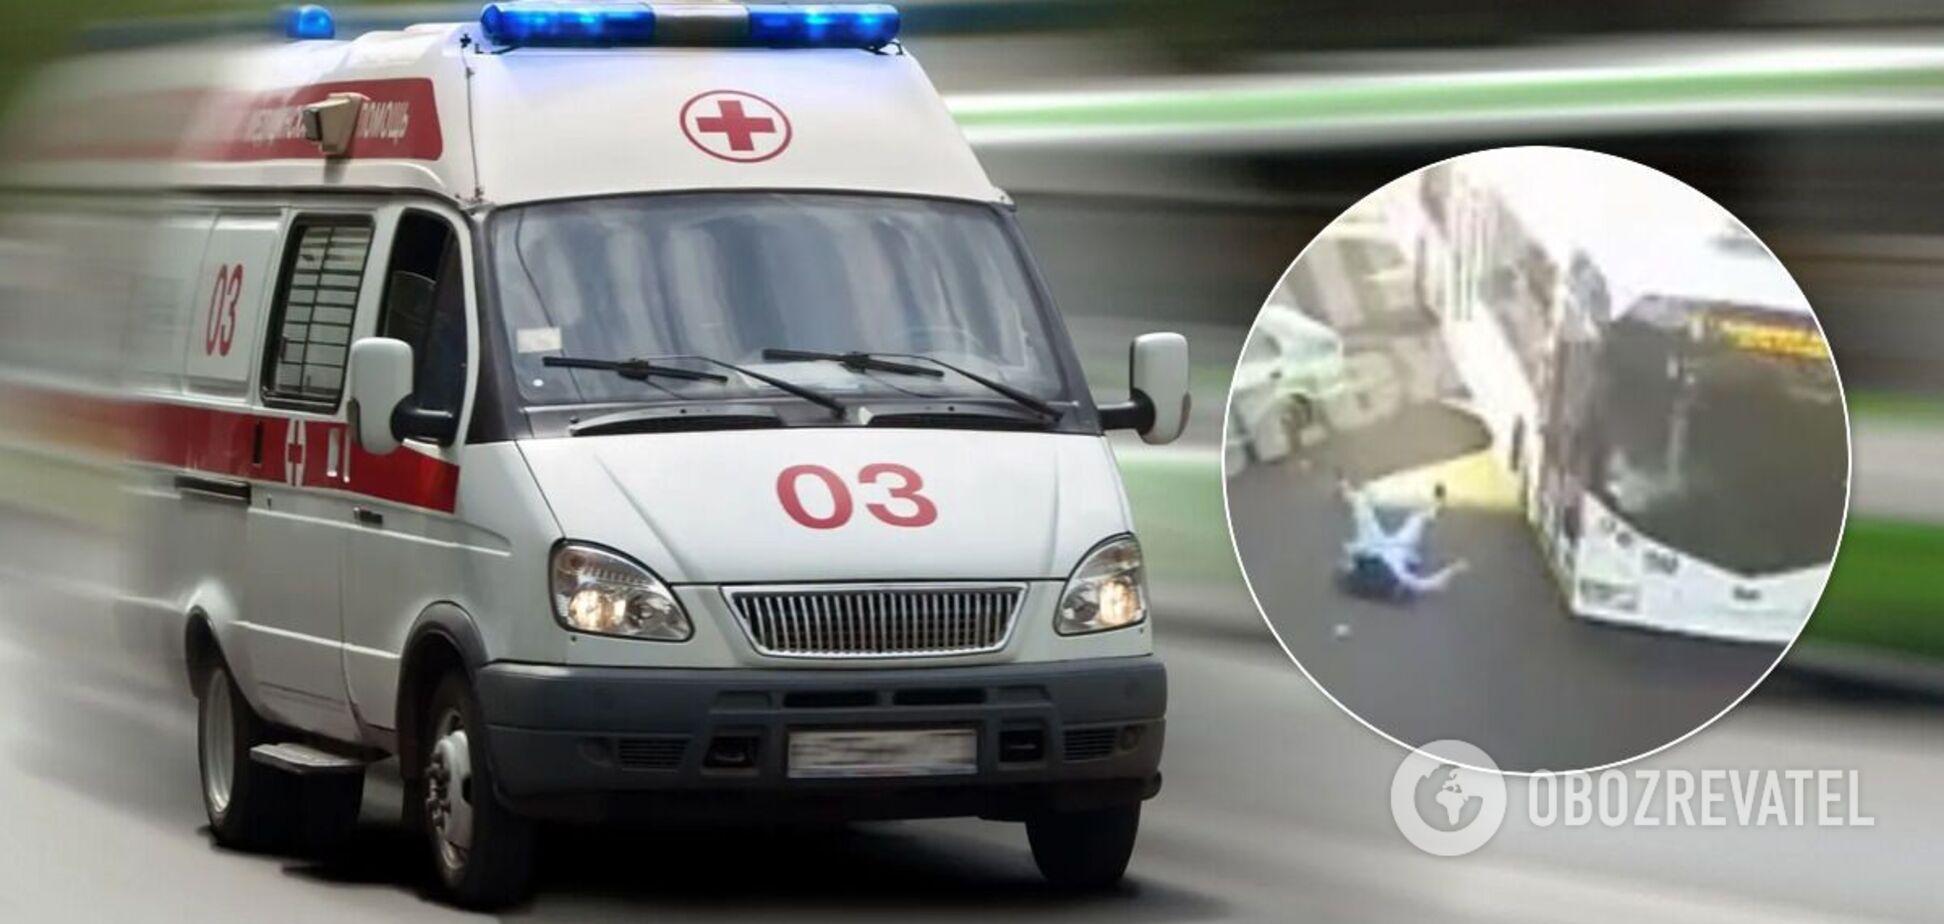 У Дніпрі тролейбус збив пішохода-порушника: відео моменту аварії